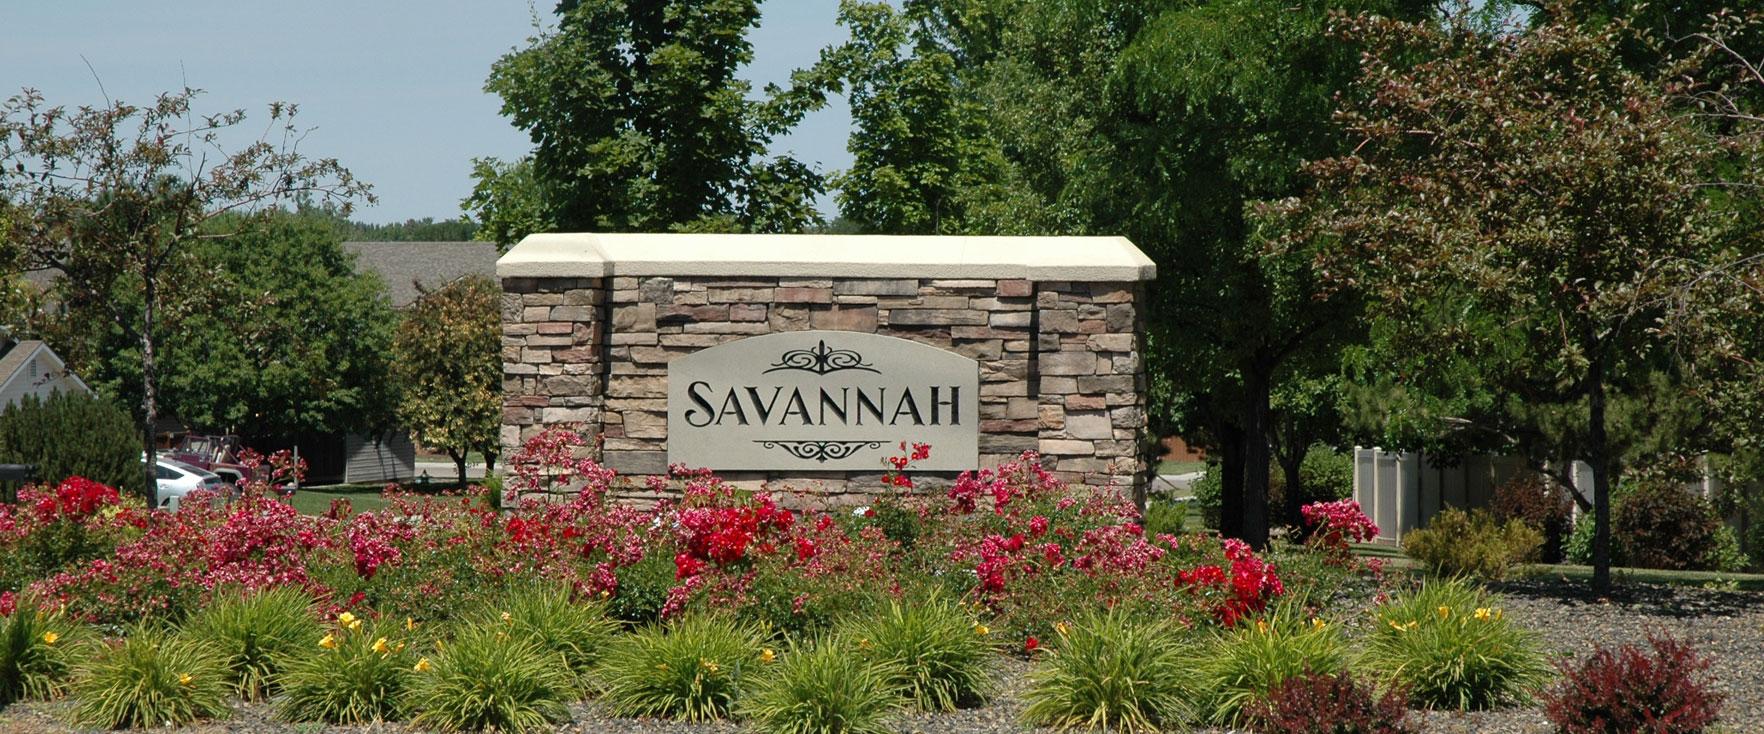 Savannah Boise, ID   Charleston Place Boise, ID   HOA